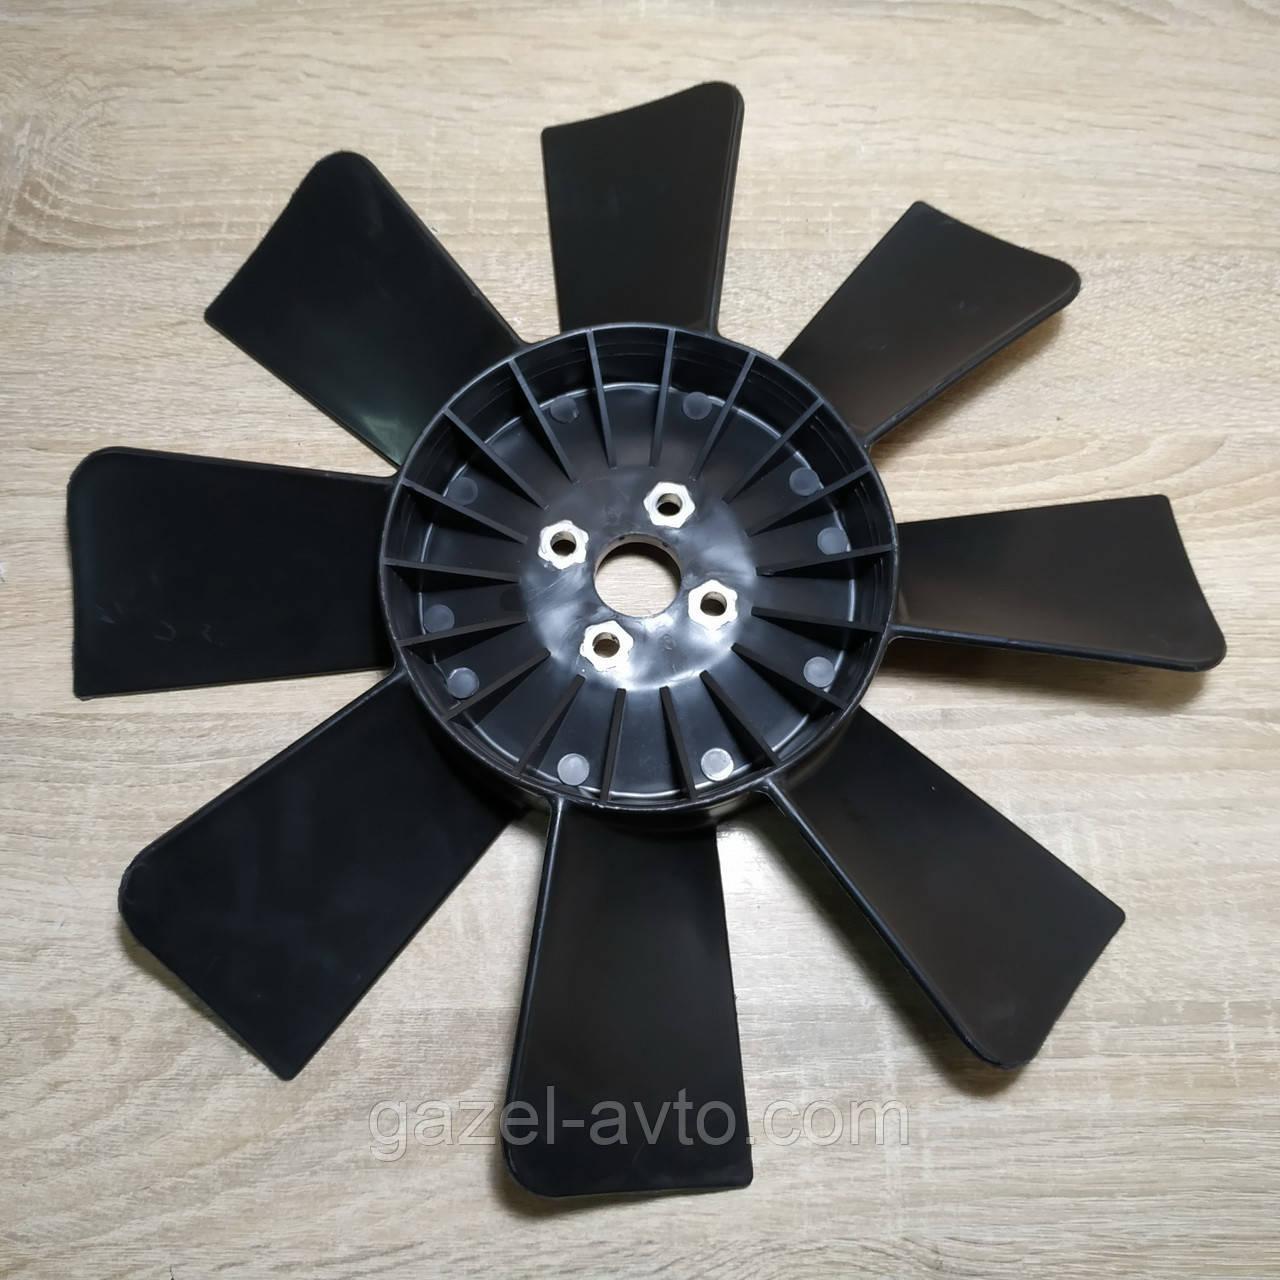 Вентилятор системы охлаждения (крыльчатка) Газель,Соболь 8 лопастной черный (пр-во ГАЗ)